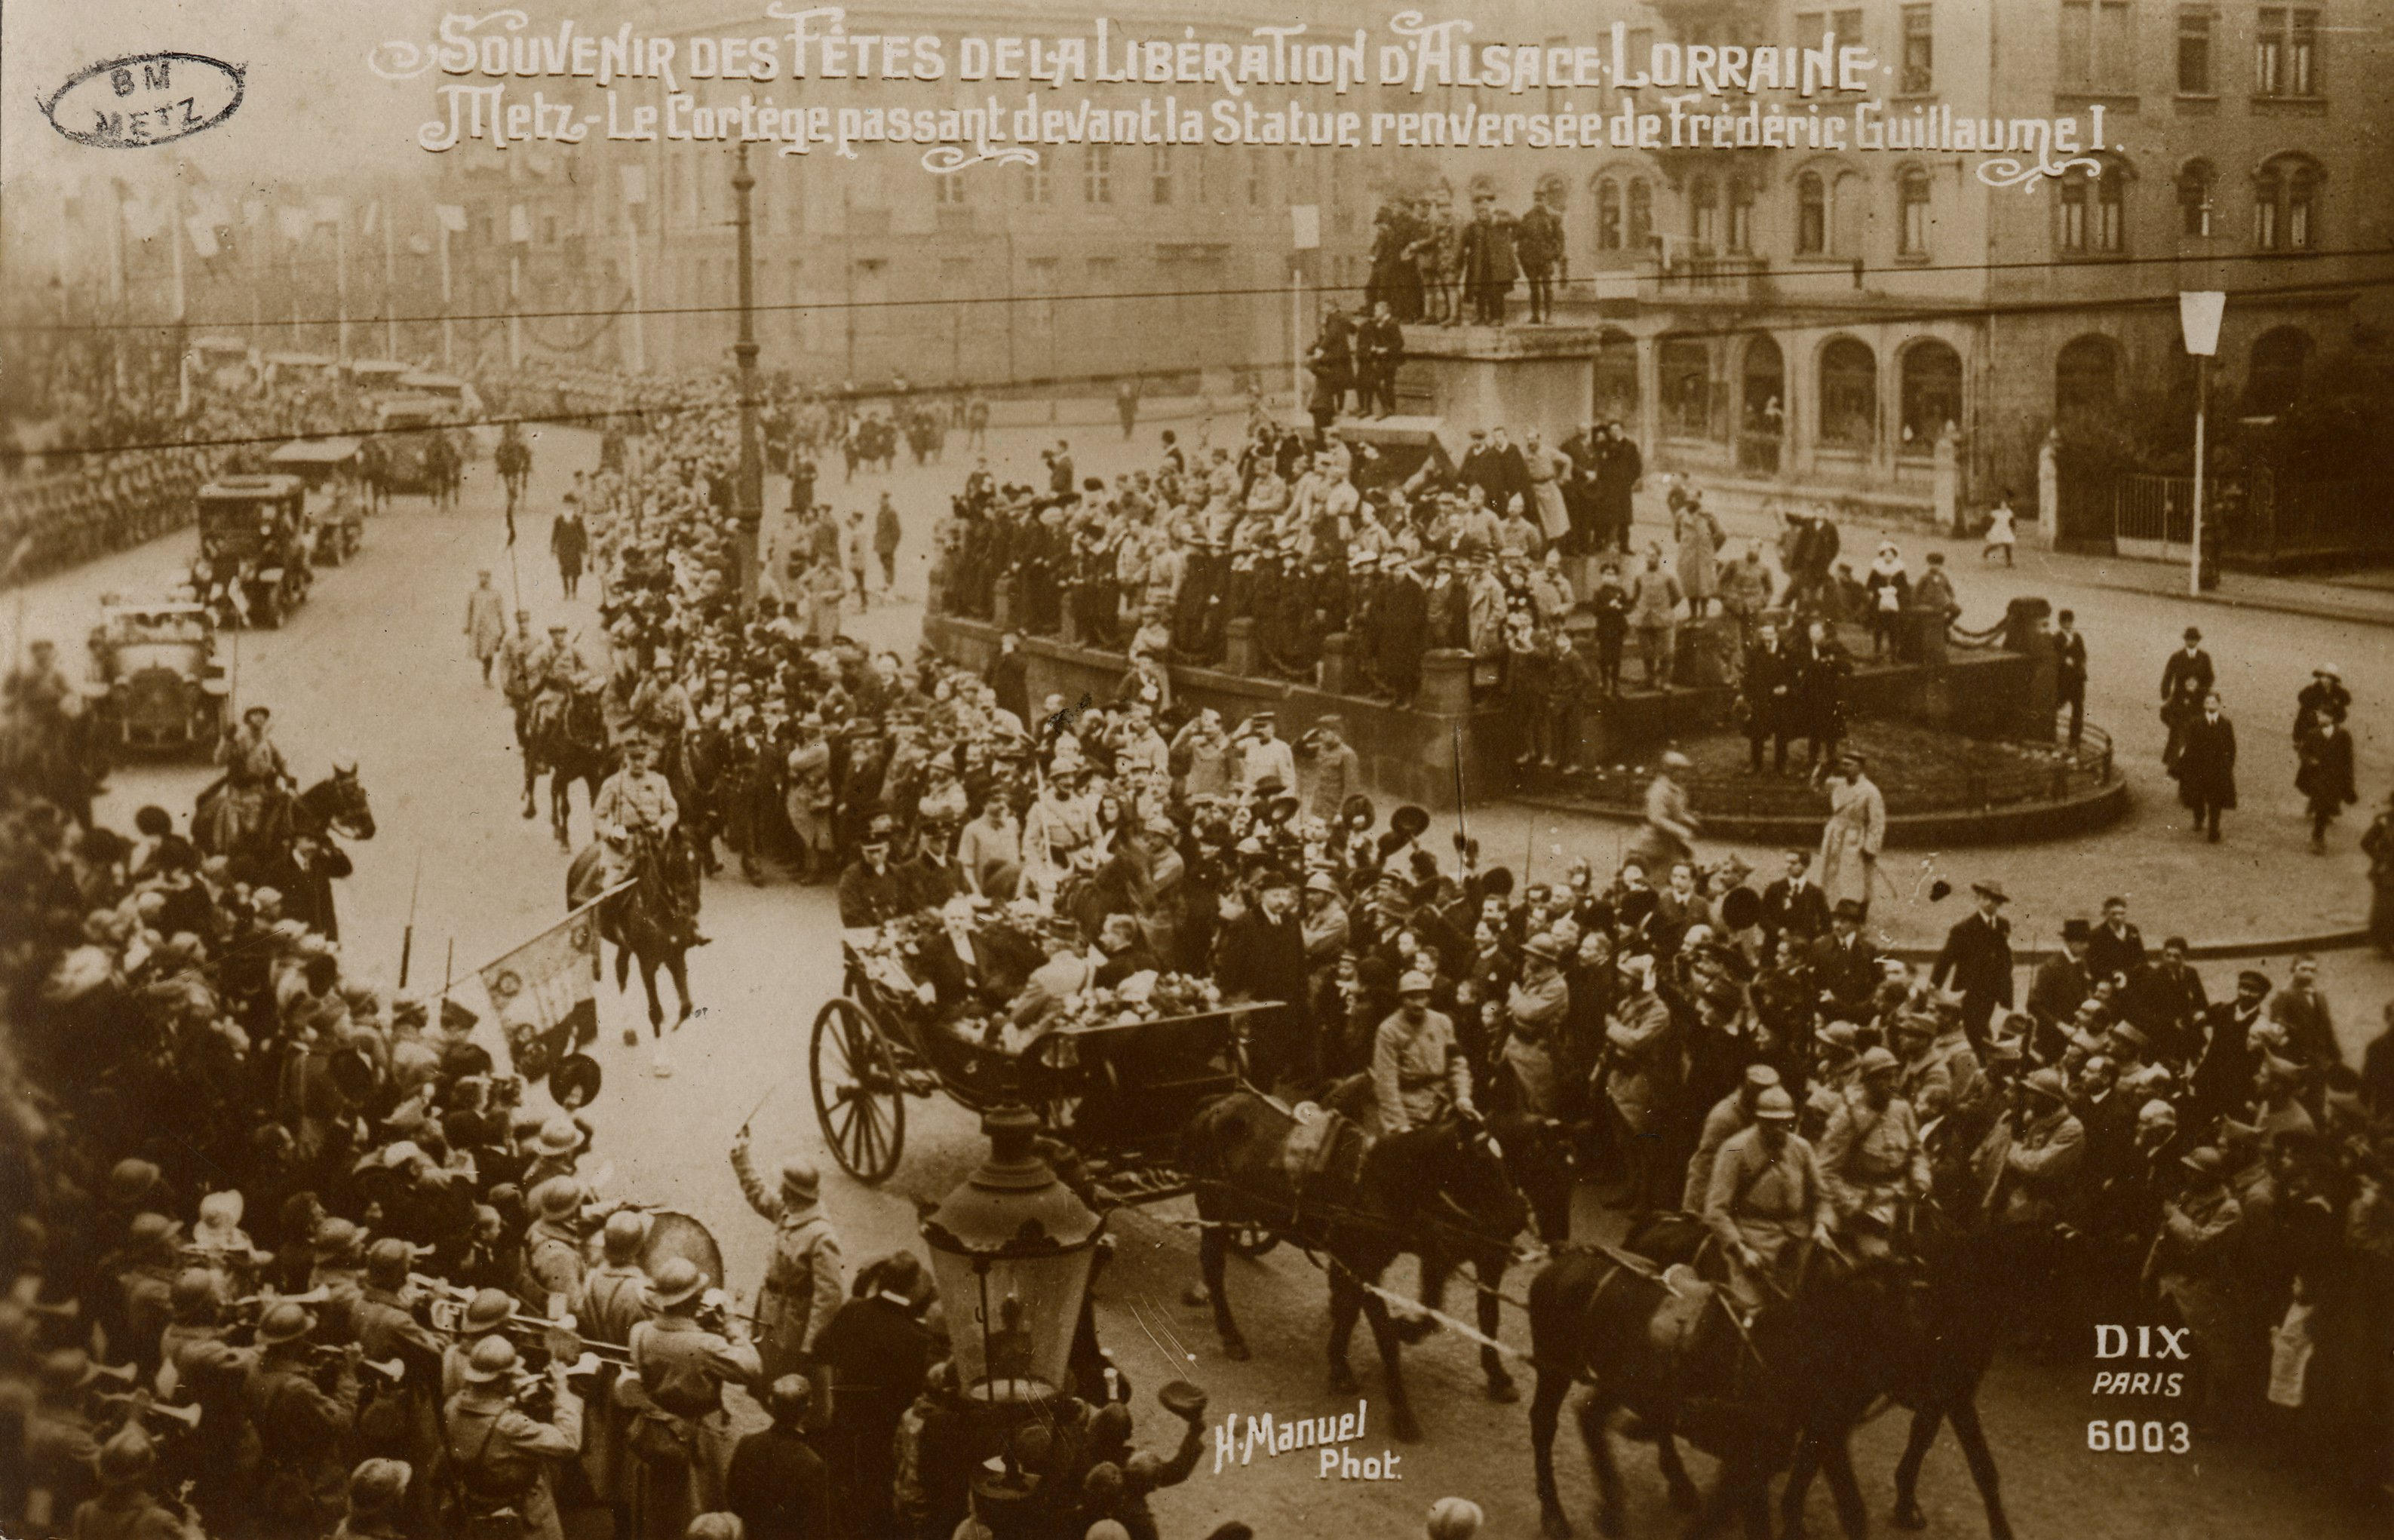 Contenu du Souvenirs des Fêtes de la Libération d'Alsace Lorraine. Metz. Le Cortège passant devant la Statue renversée de Frédéric Guillaume I.